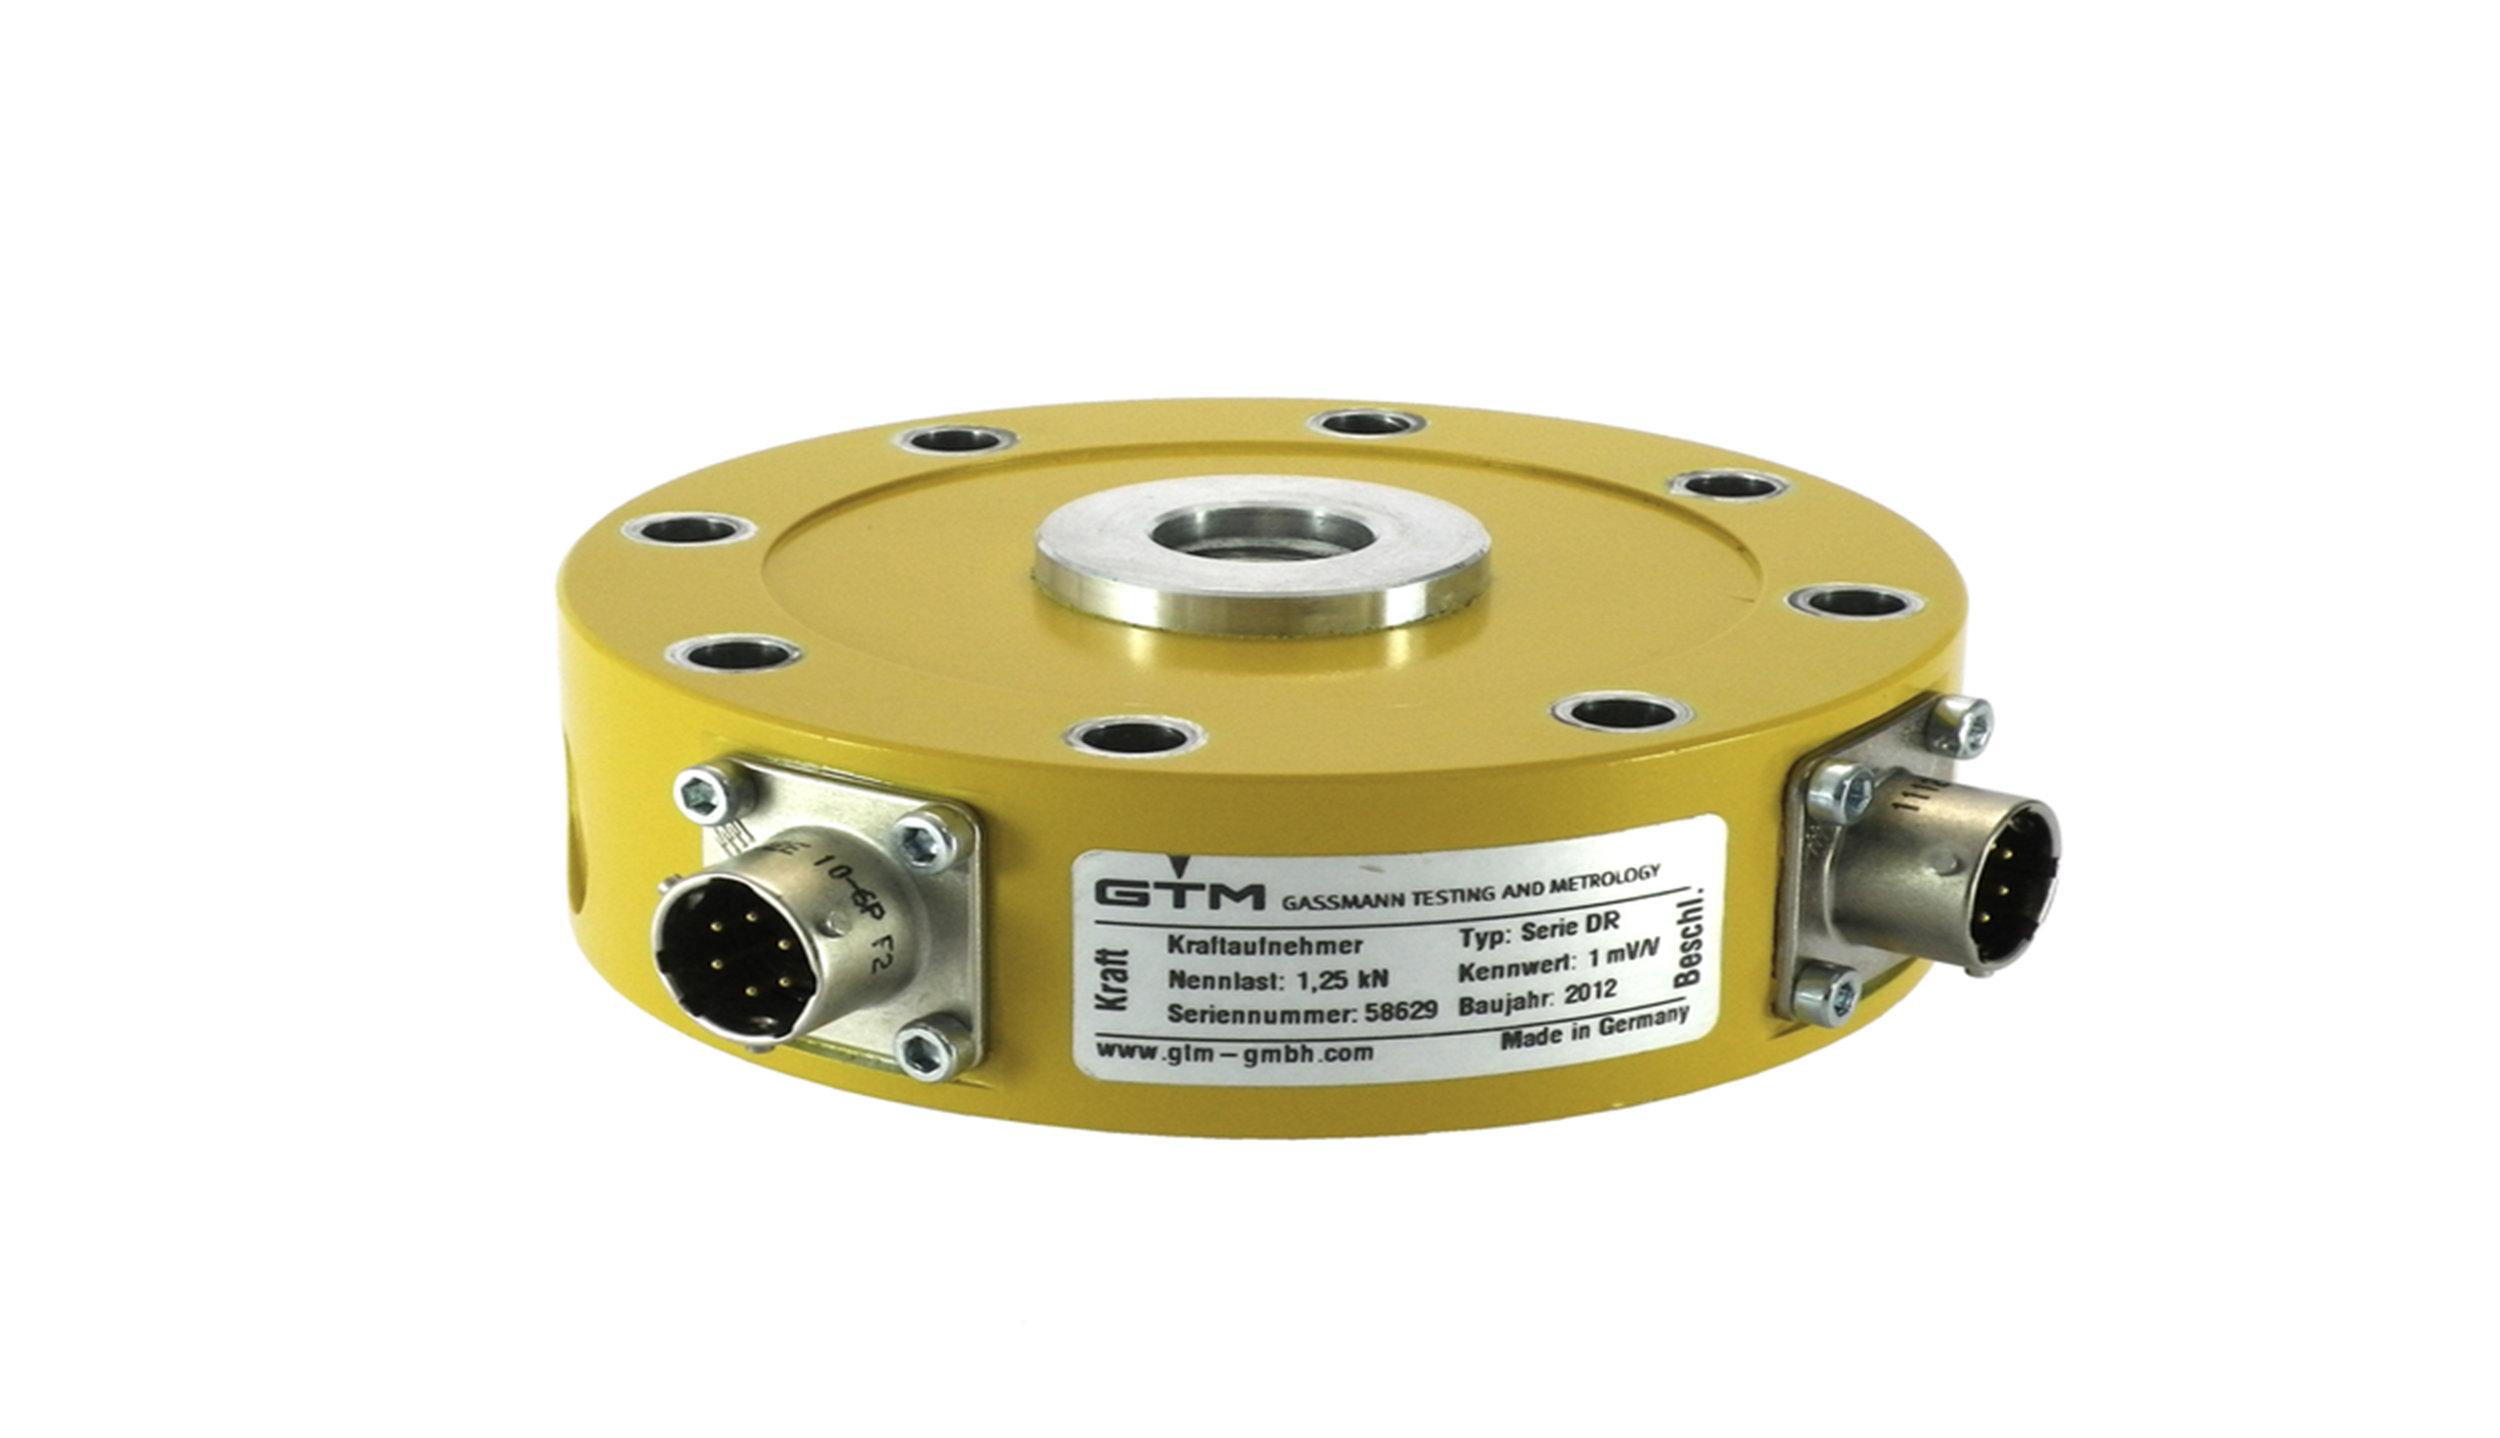 Kraftgivare - Våra Xforce lastceller uppfyller alla fem kriterier för ISO 7500-1 noggrannhetsklasser över ett mycket stort mätintervall.